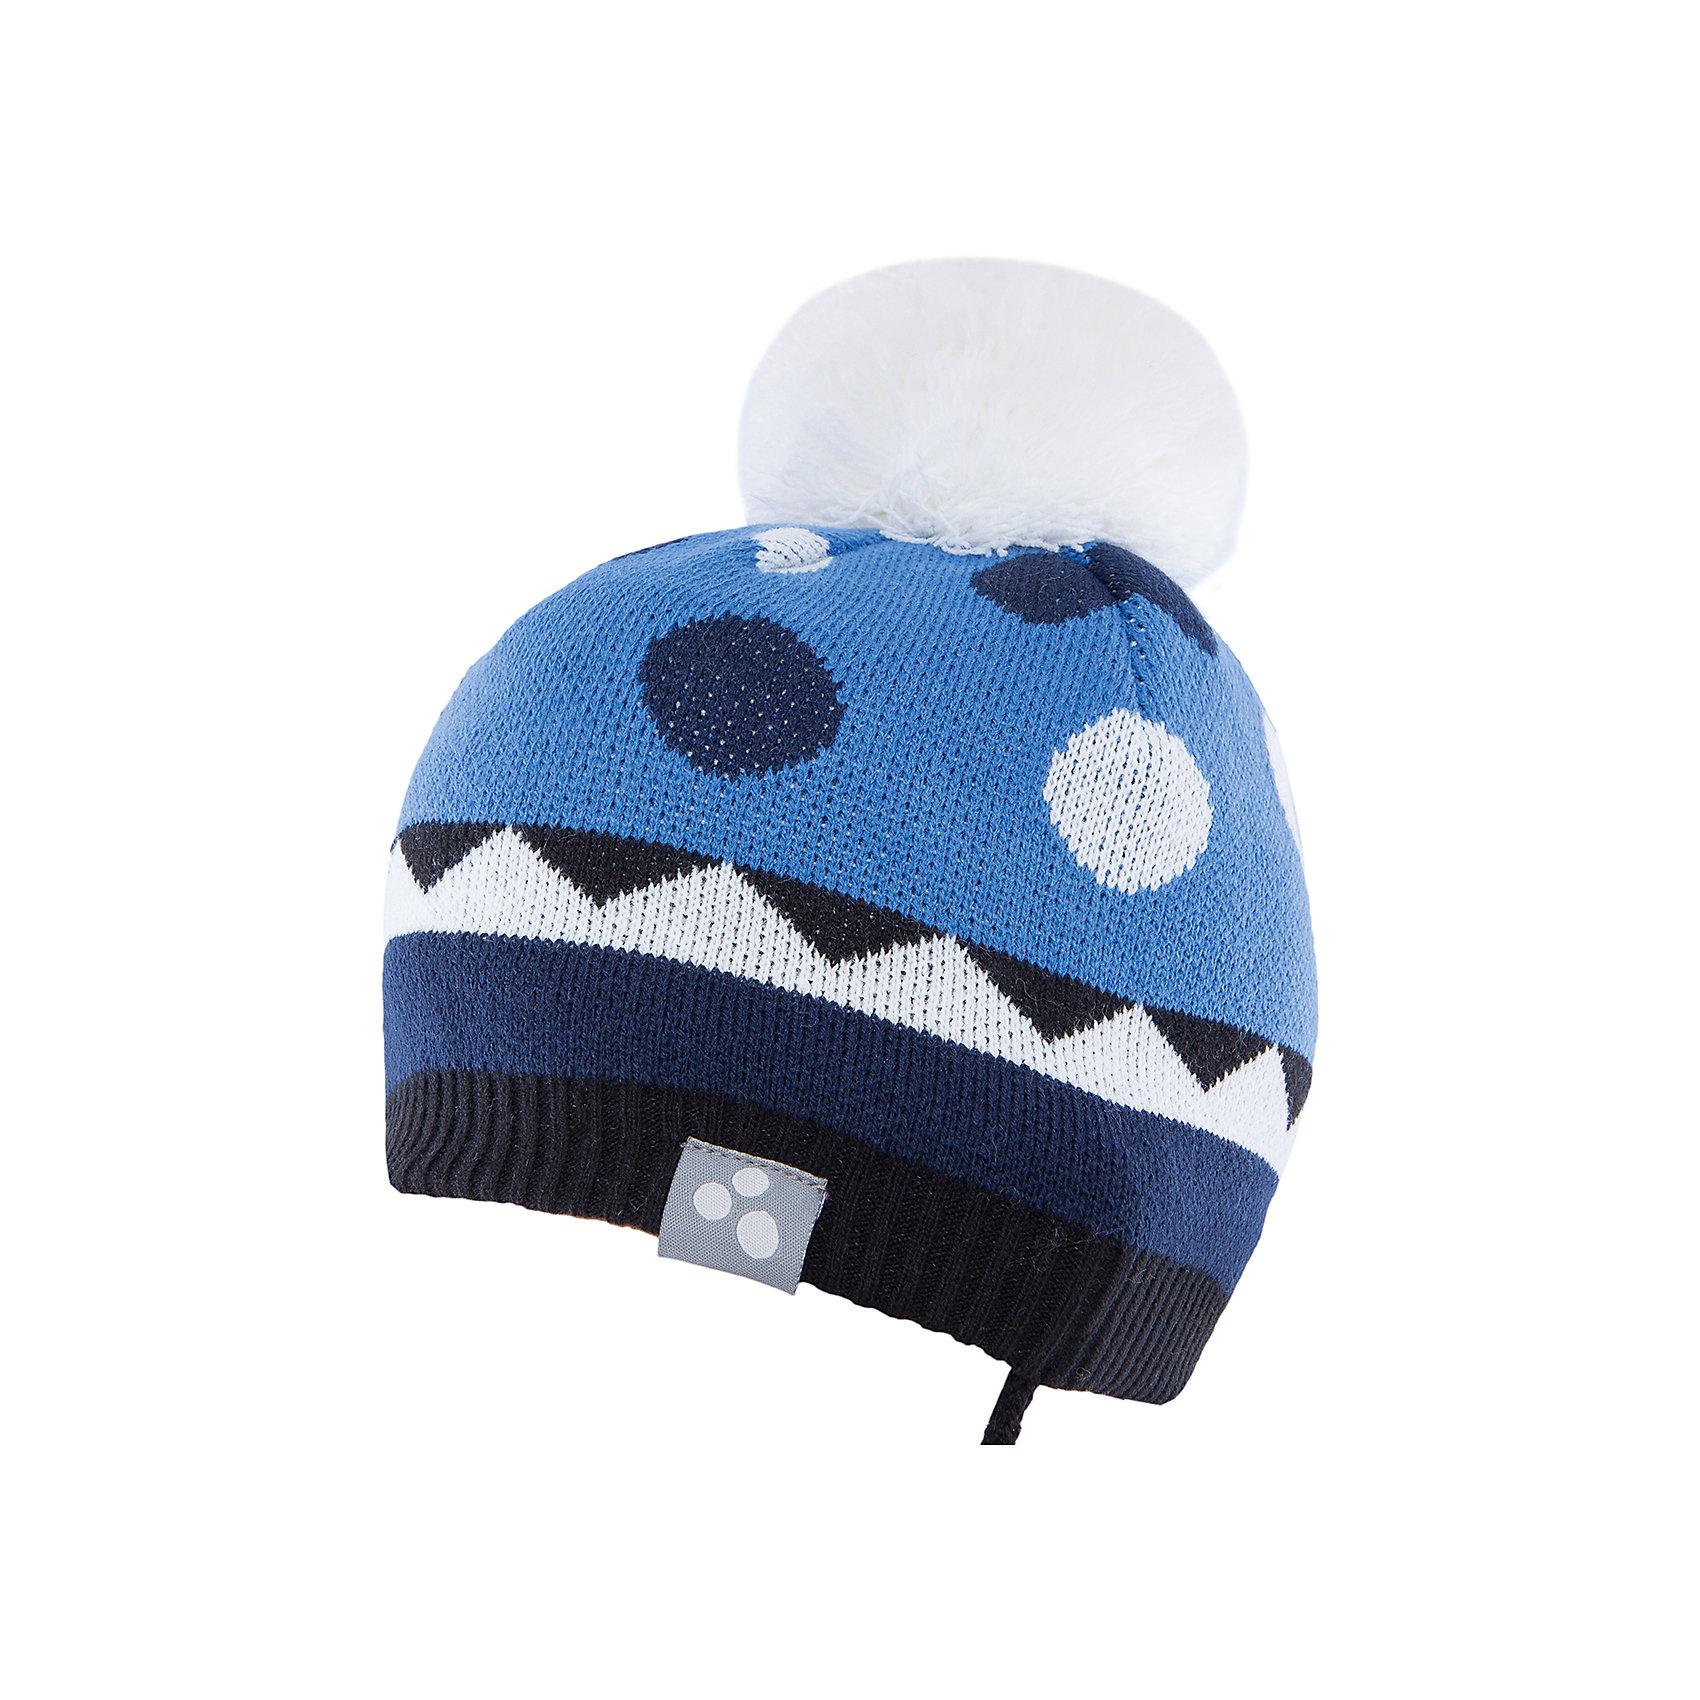 Шапка  HuppaВязаная шапка PEETA Huppa(Хуппа) плотно прилегает к голове и хорошо защищает от морозов и ветра. Подкладка из хлопка не вызовет раздражения на коже. Шапочка украшена помпоном и геометрическим орнаментом. Есть светоотражающие элементы. В такой шапке гулять будет тепло и комфортно!<br><br>Дополнительная информация:<br>Материал: 100% акрил<br>Подкладка: 100% хлопок<br>Цвет: синий/белый<br><br>Вы можете приобрести шапку PEETA Huppa(Хуппа) в нашем интернет-магазине.<br><br>Ширина мм: 89<br>Глубина мм: 117<br>Высота мм: 44<br>Вес г: 155<br>Цвет: синий<br>Возраст от месяцев: 36<br>Возраст до месяцев: 72<br>Пол: Мужской<br>Возраст: Детский<br>Размер: 51-53,43-45,47-49<br>SKU: 4928930